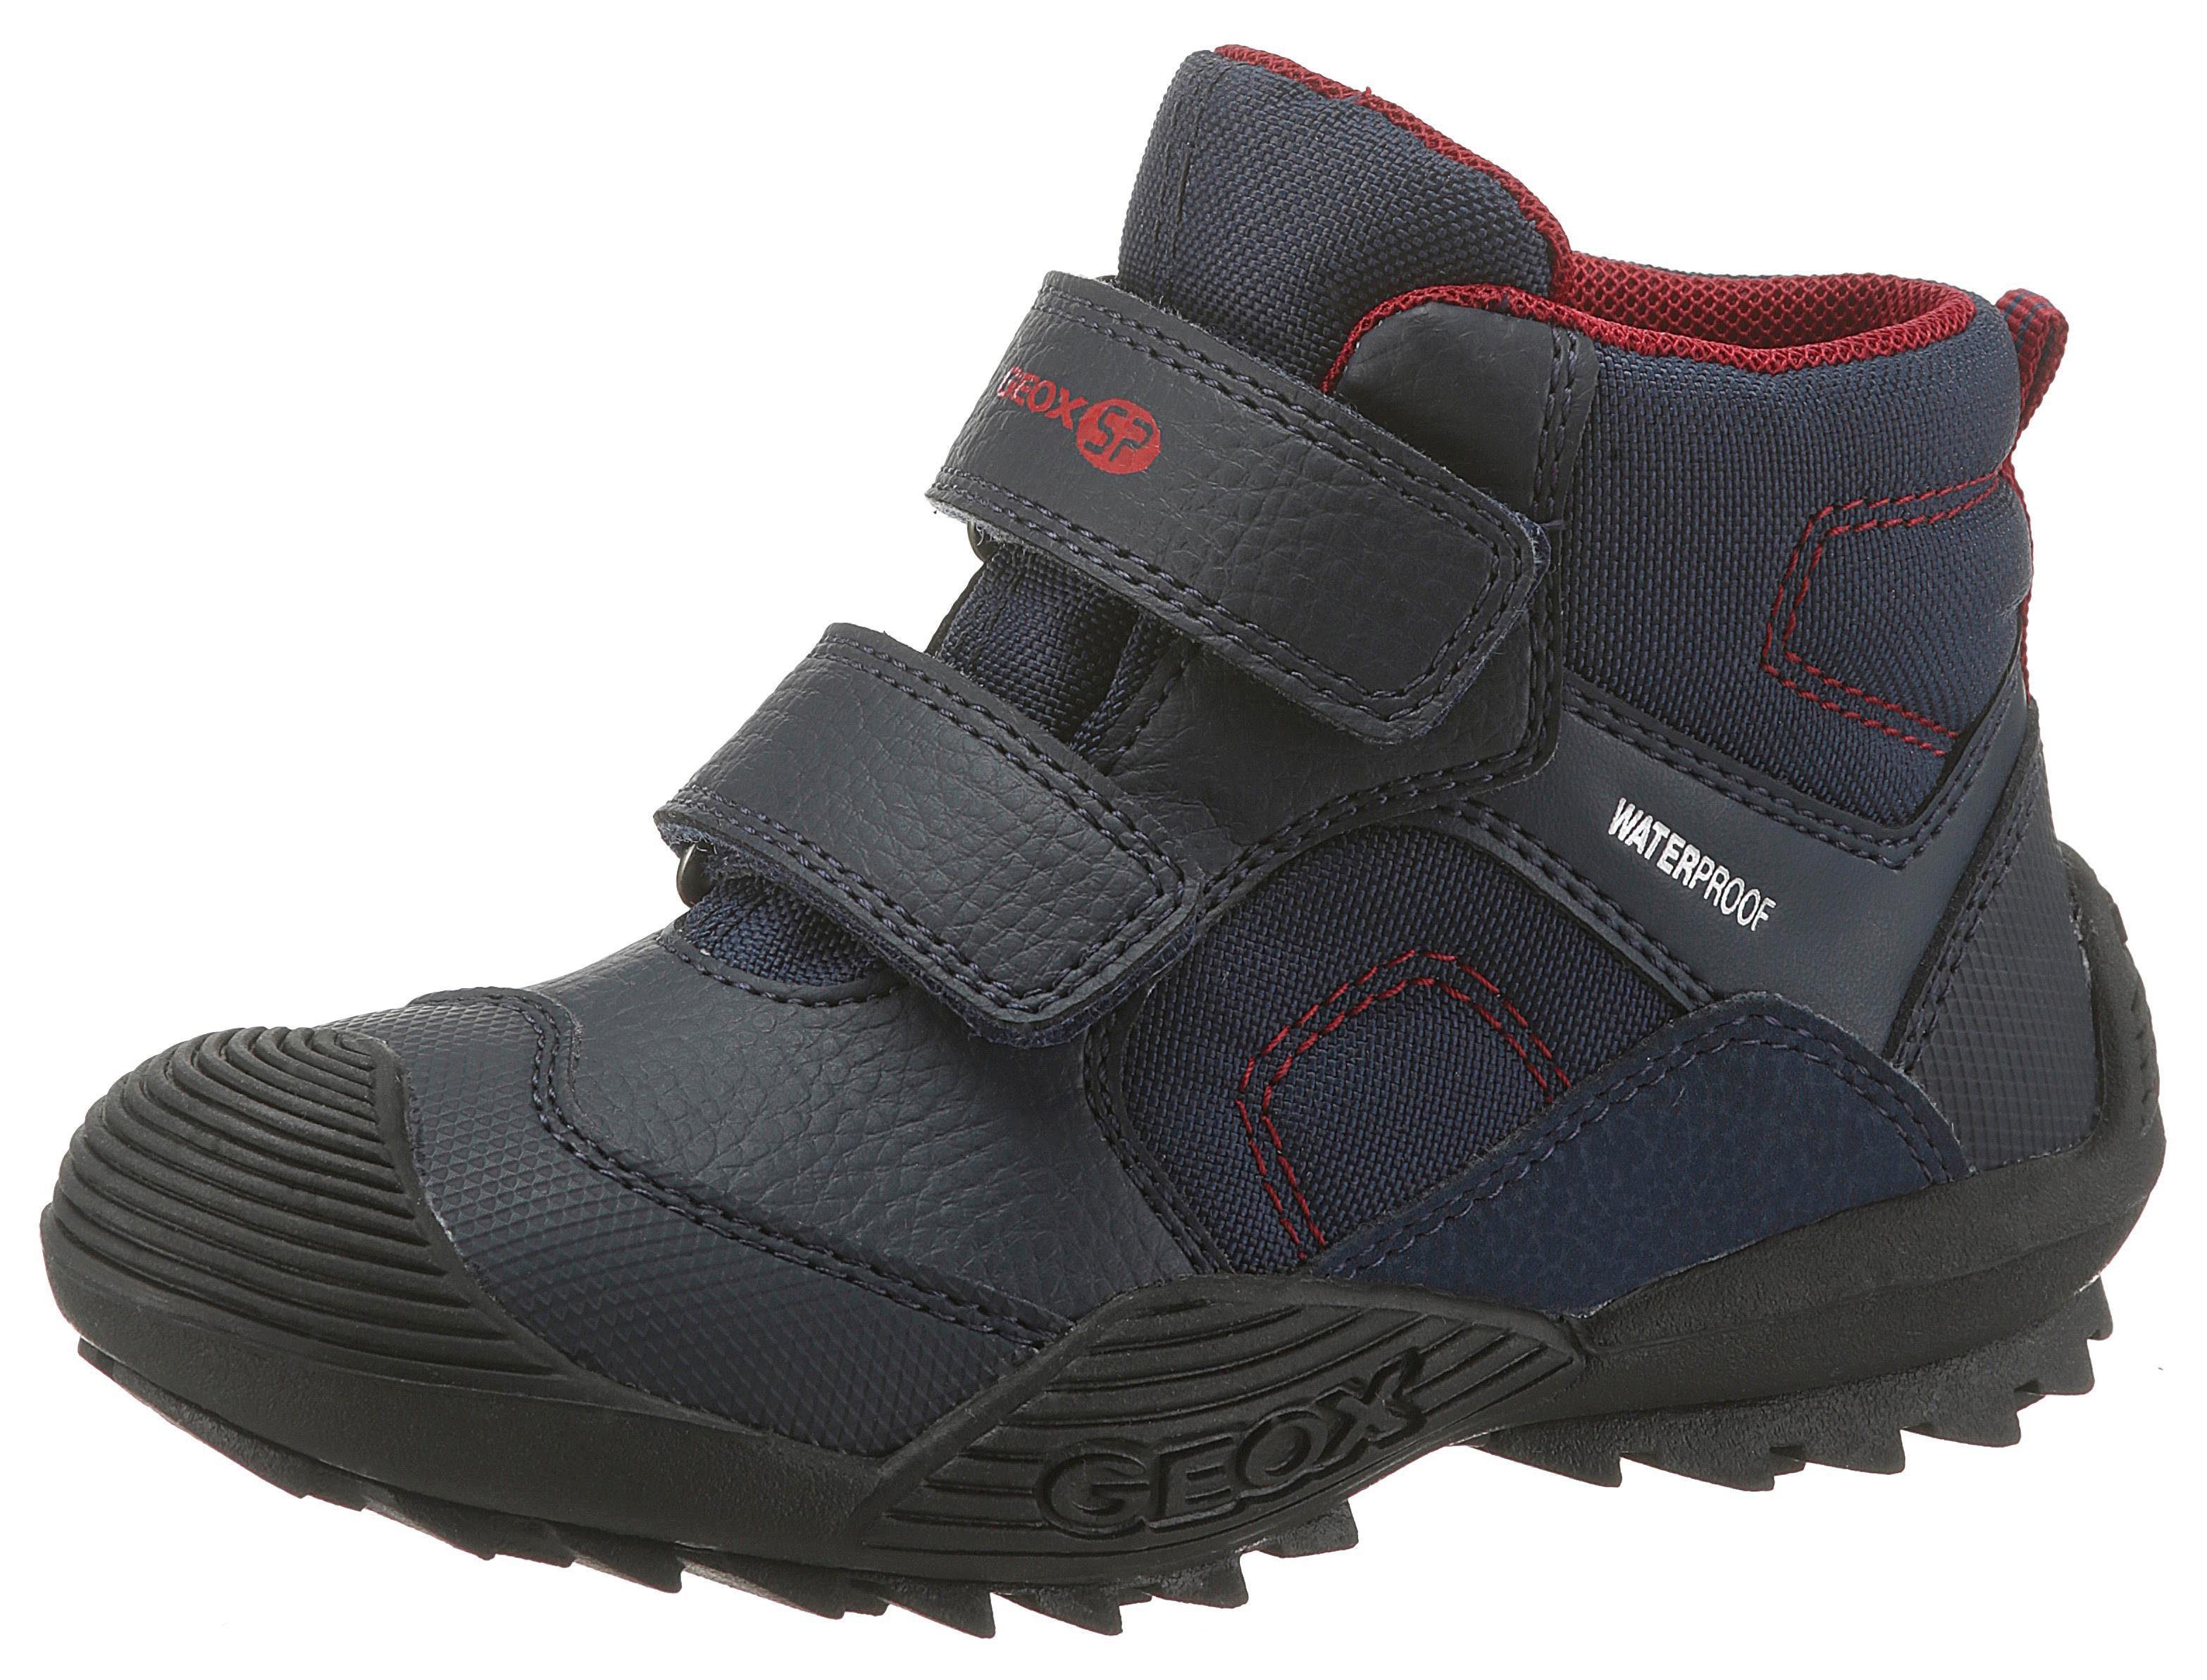 Geox Kids »Atreus Boy Wpf« Stiefel mit zweifachem Klettverschluss